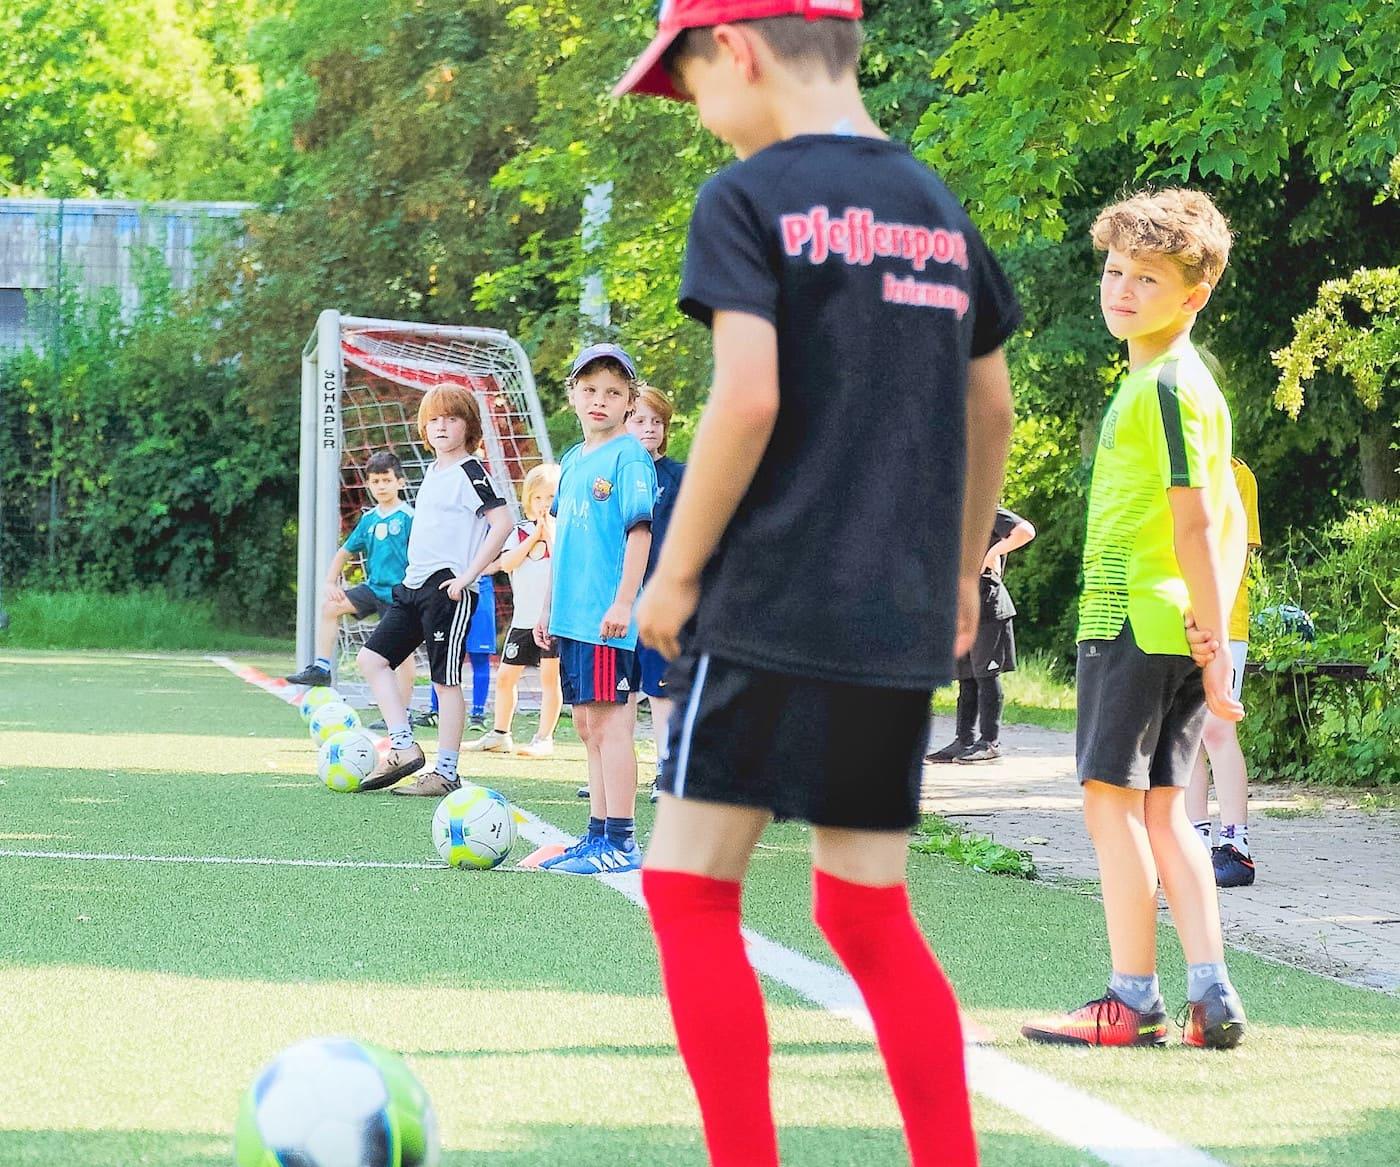 Herbstferien-Sportkurse von Pfeffersport für Kinder in Berlin // HIMBEER